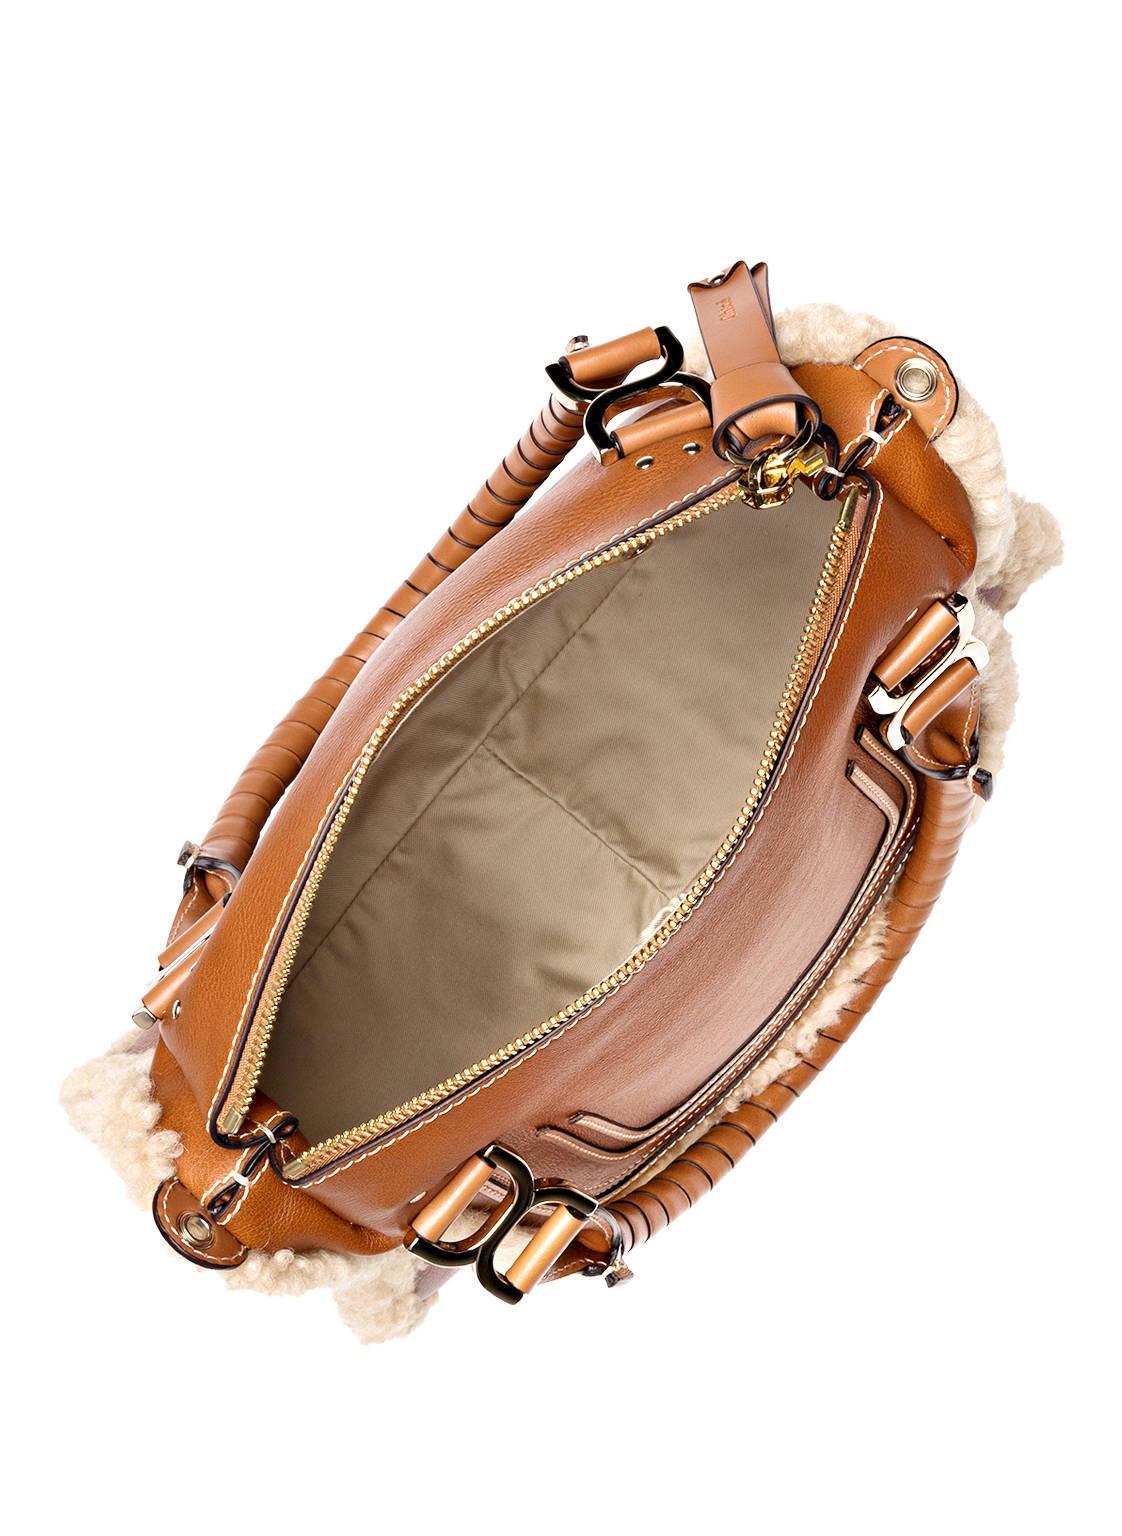 Chloé Handtasche MARCIE MEDIUM mit Echtfellbesatz jT379